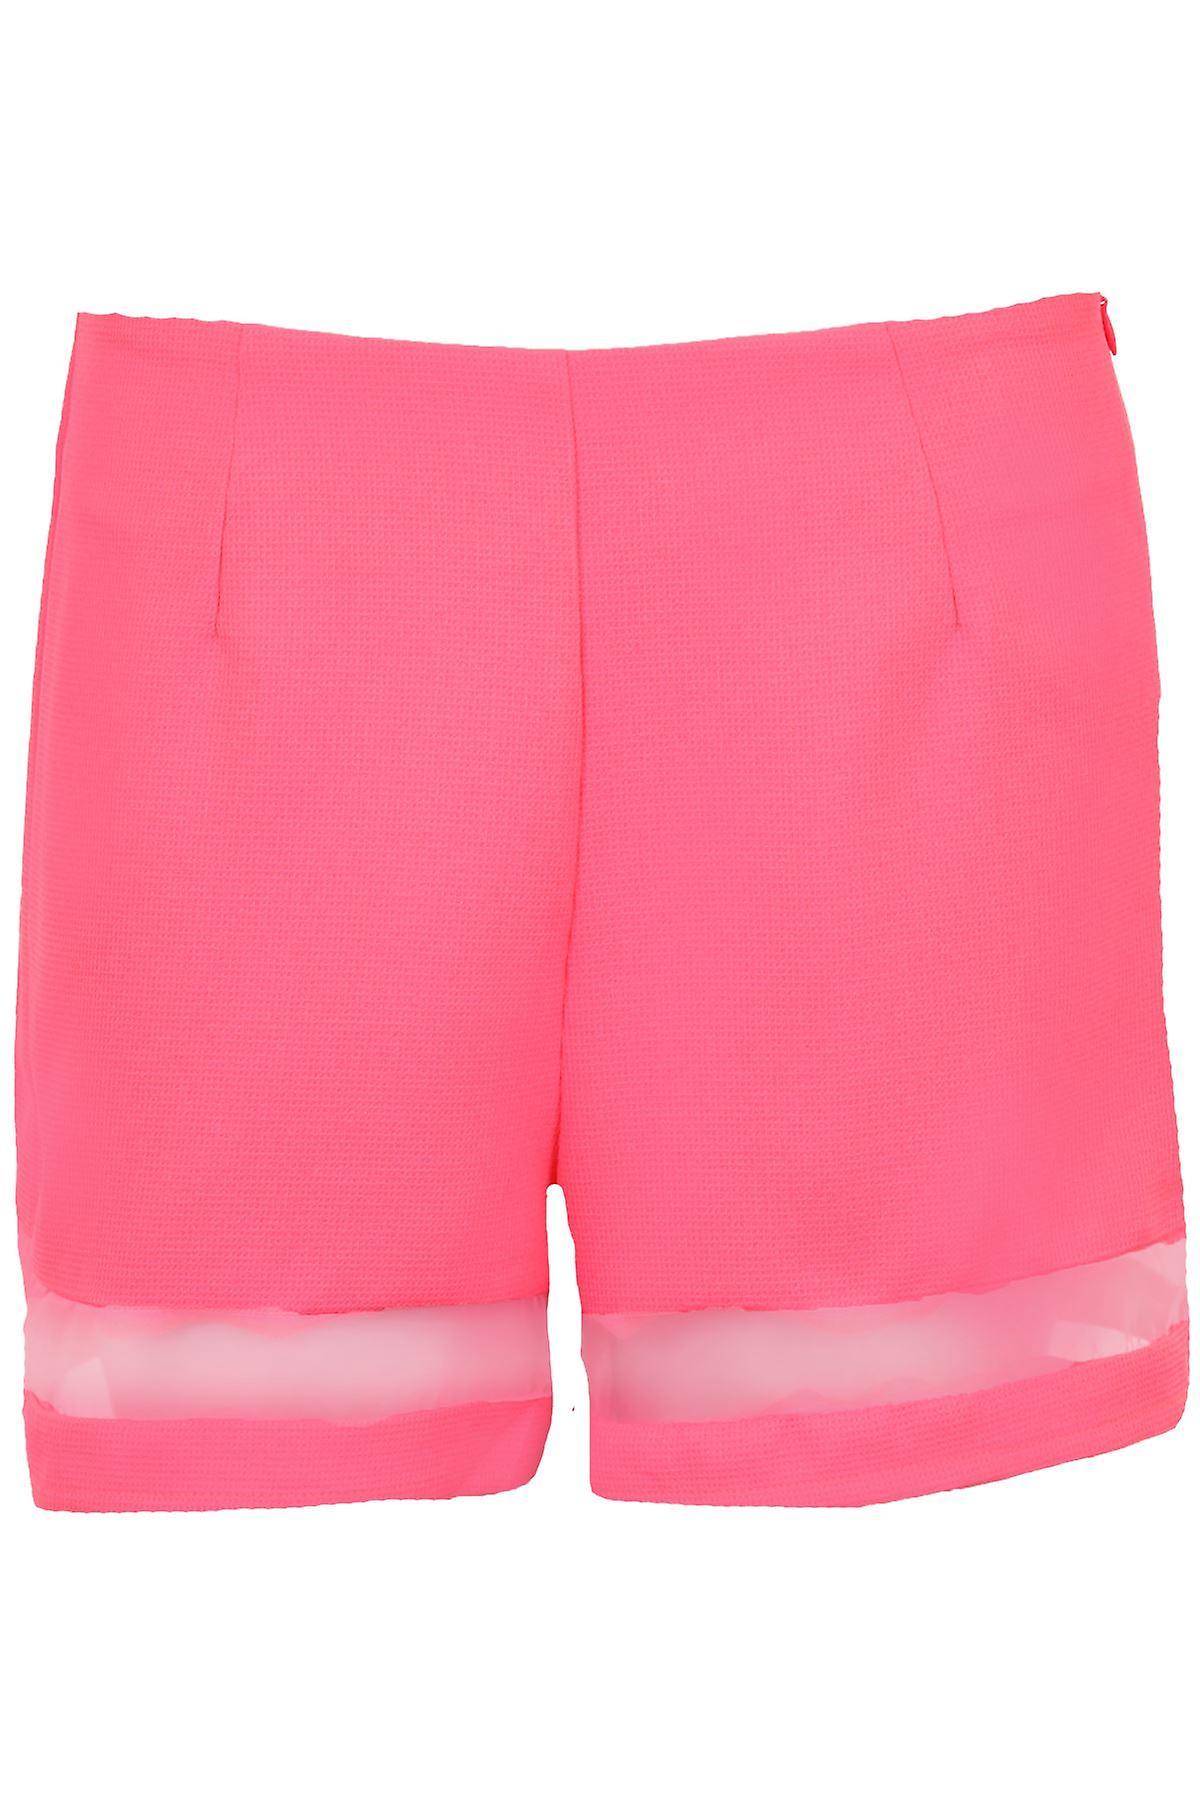 Hyvät Mesh Panel lyhythihainen Party naisten kuvioitu Neon alkuun ja shortsit